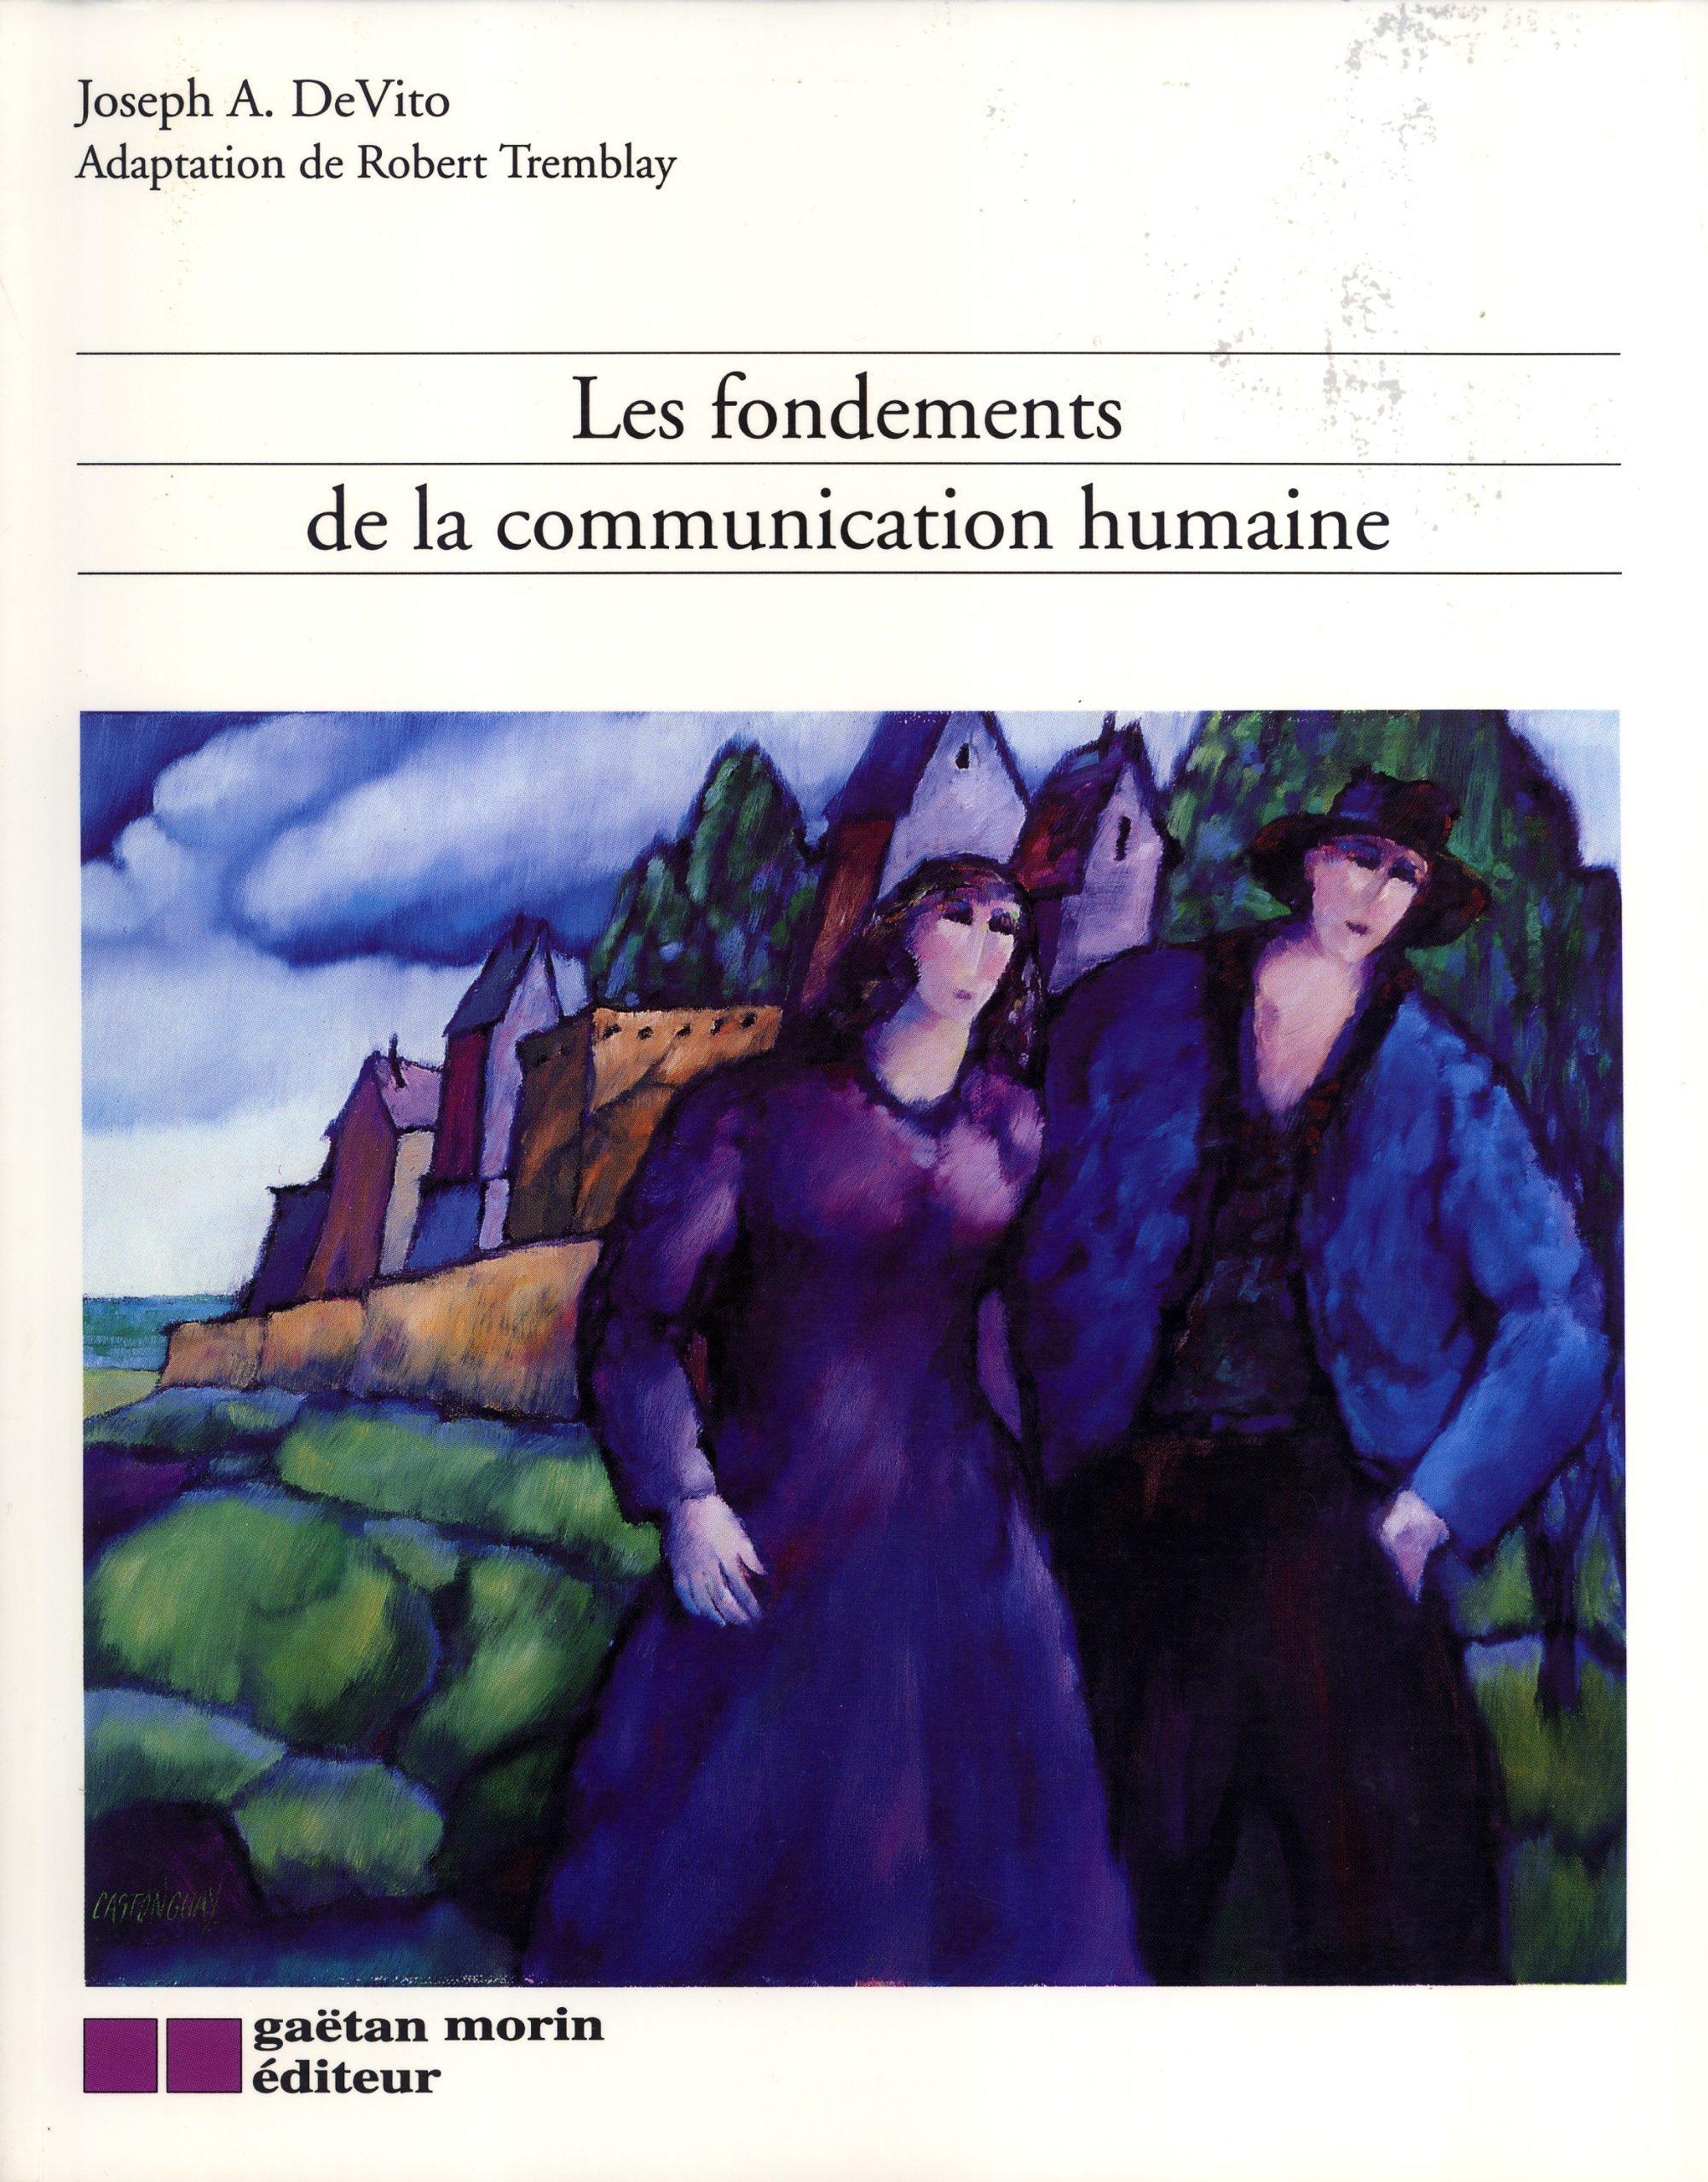 Les fondements de la communication humaine